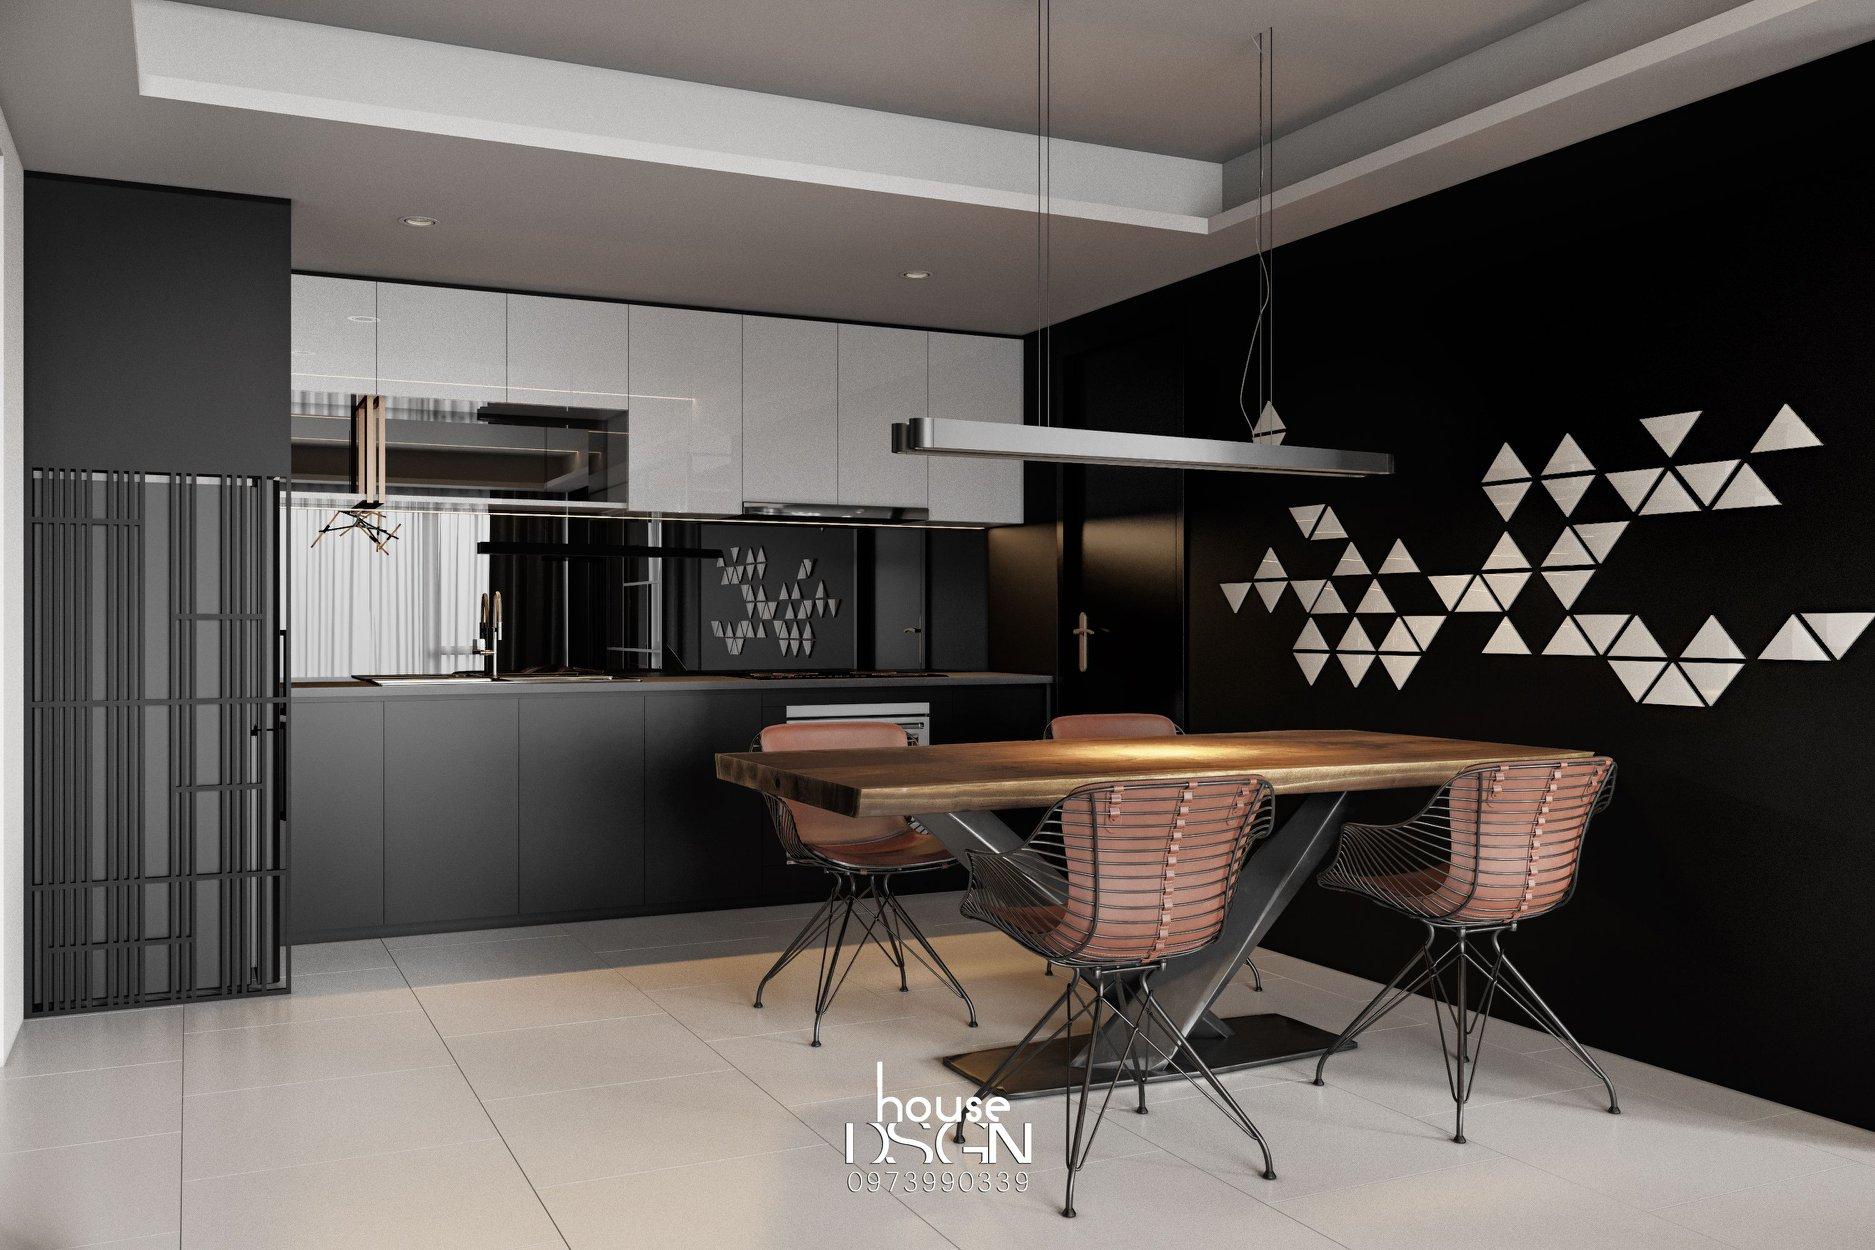 phòng ăn thiết kế phong cách nội thất tối giản